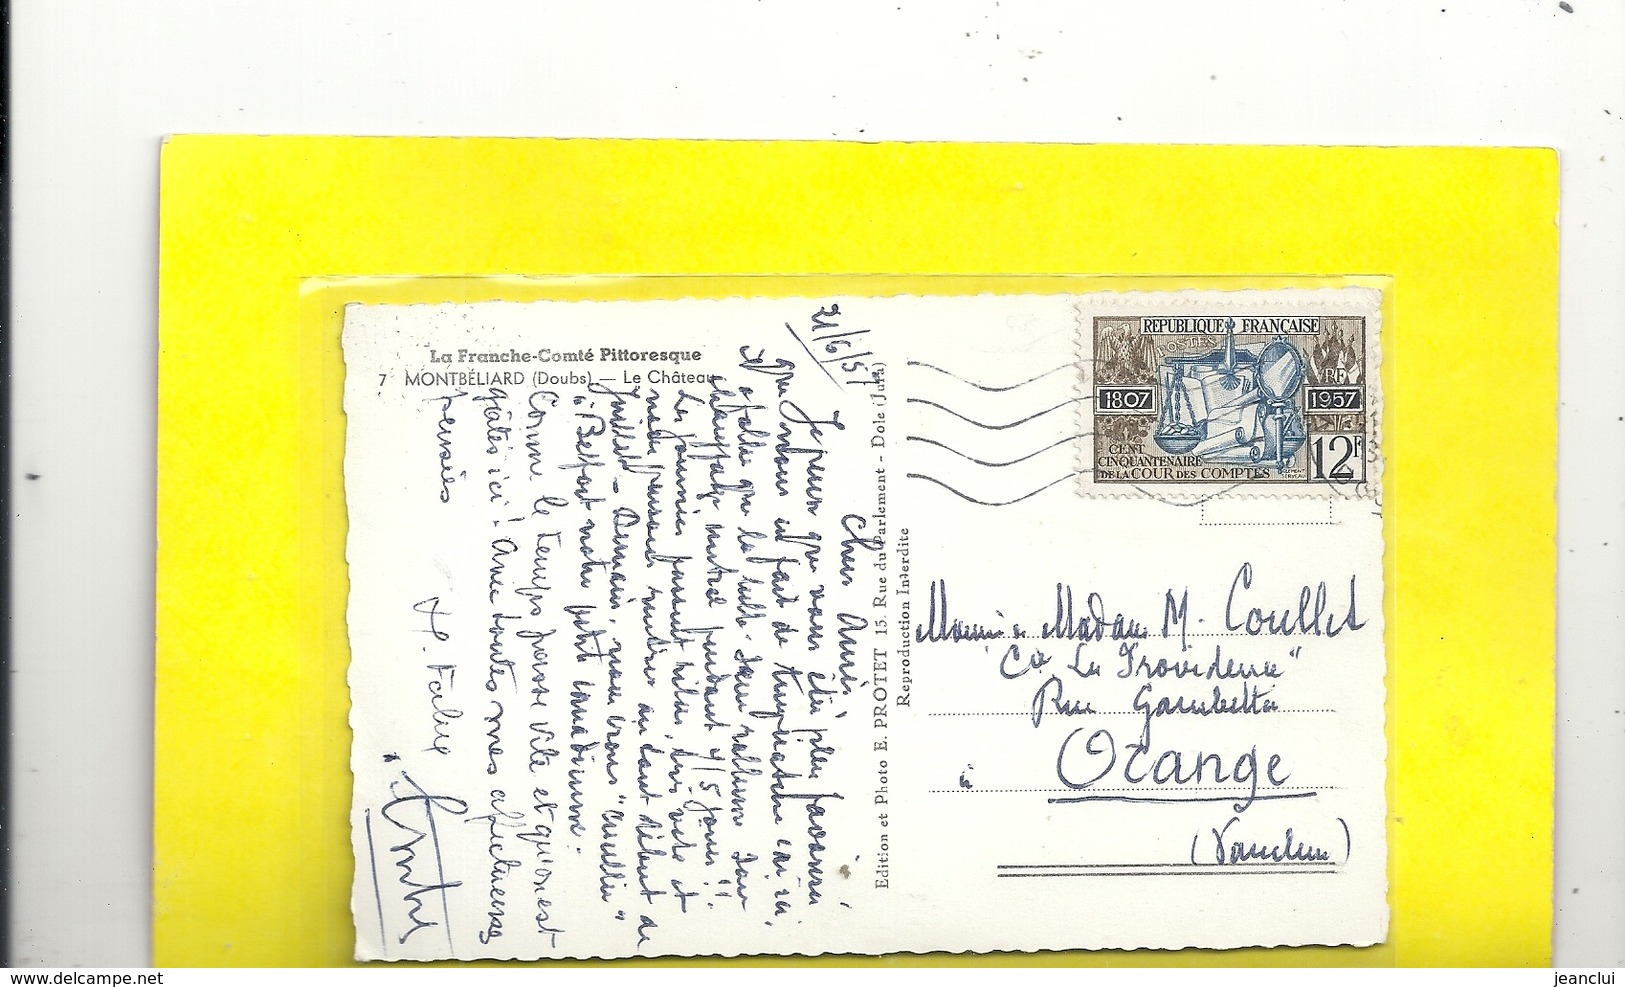 Cpsm Format Cpa.LA FRANCHE-COMTE PITTORESQUE.7. MONTBELIARD . LE CHATEAU . AFFR LE 21-6-1957 . 2 SCANES - Montbéliard